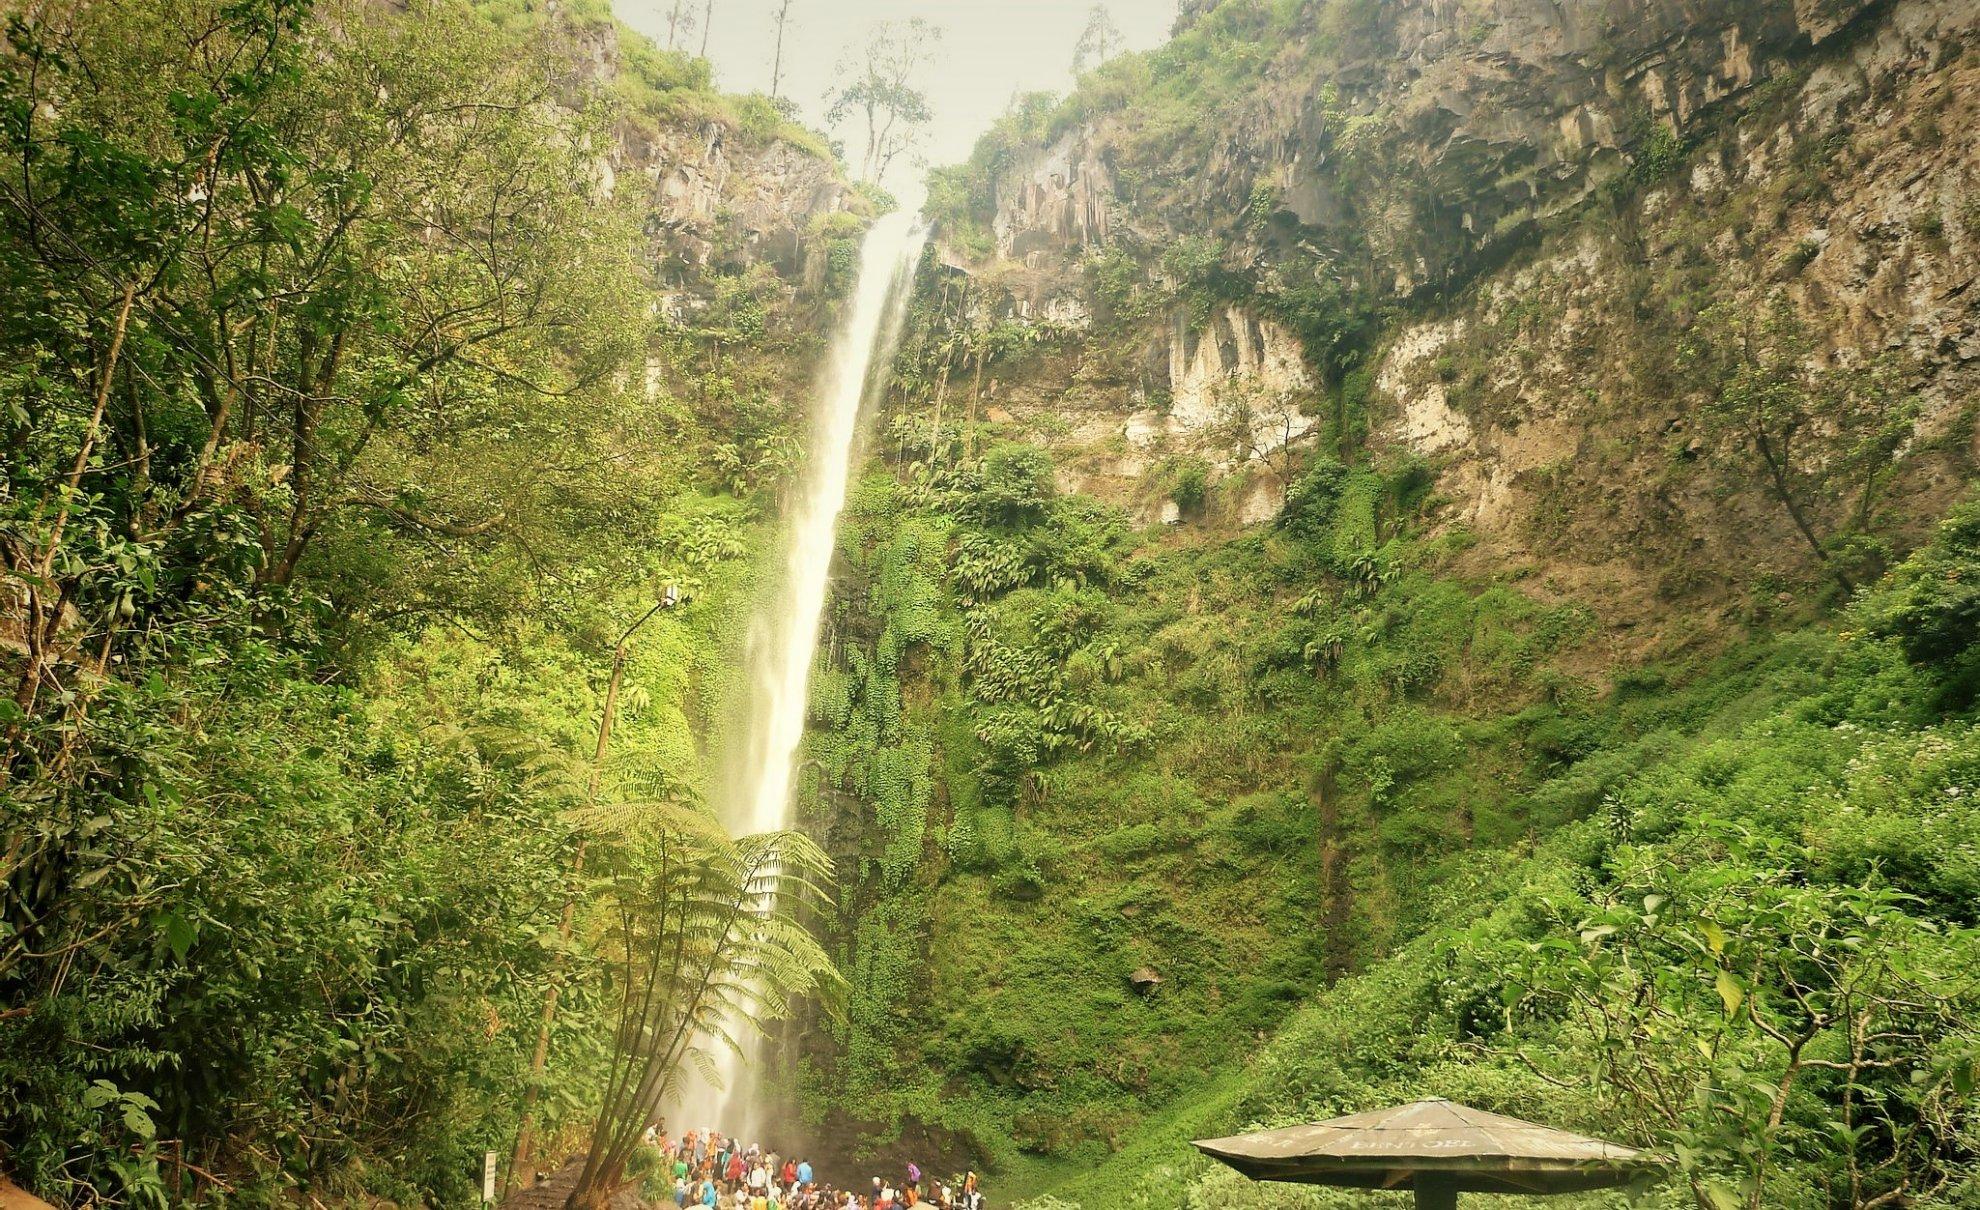 Pesona Air Terjun Coban Rondo Batu yang wajib dikunjungi!!! on